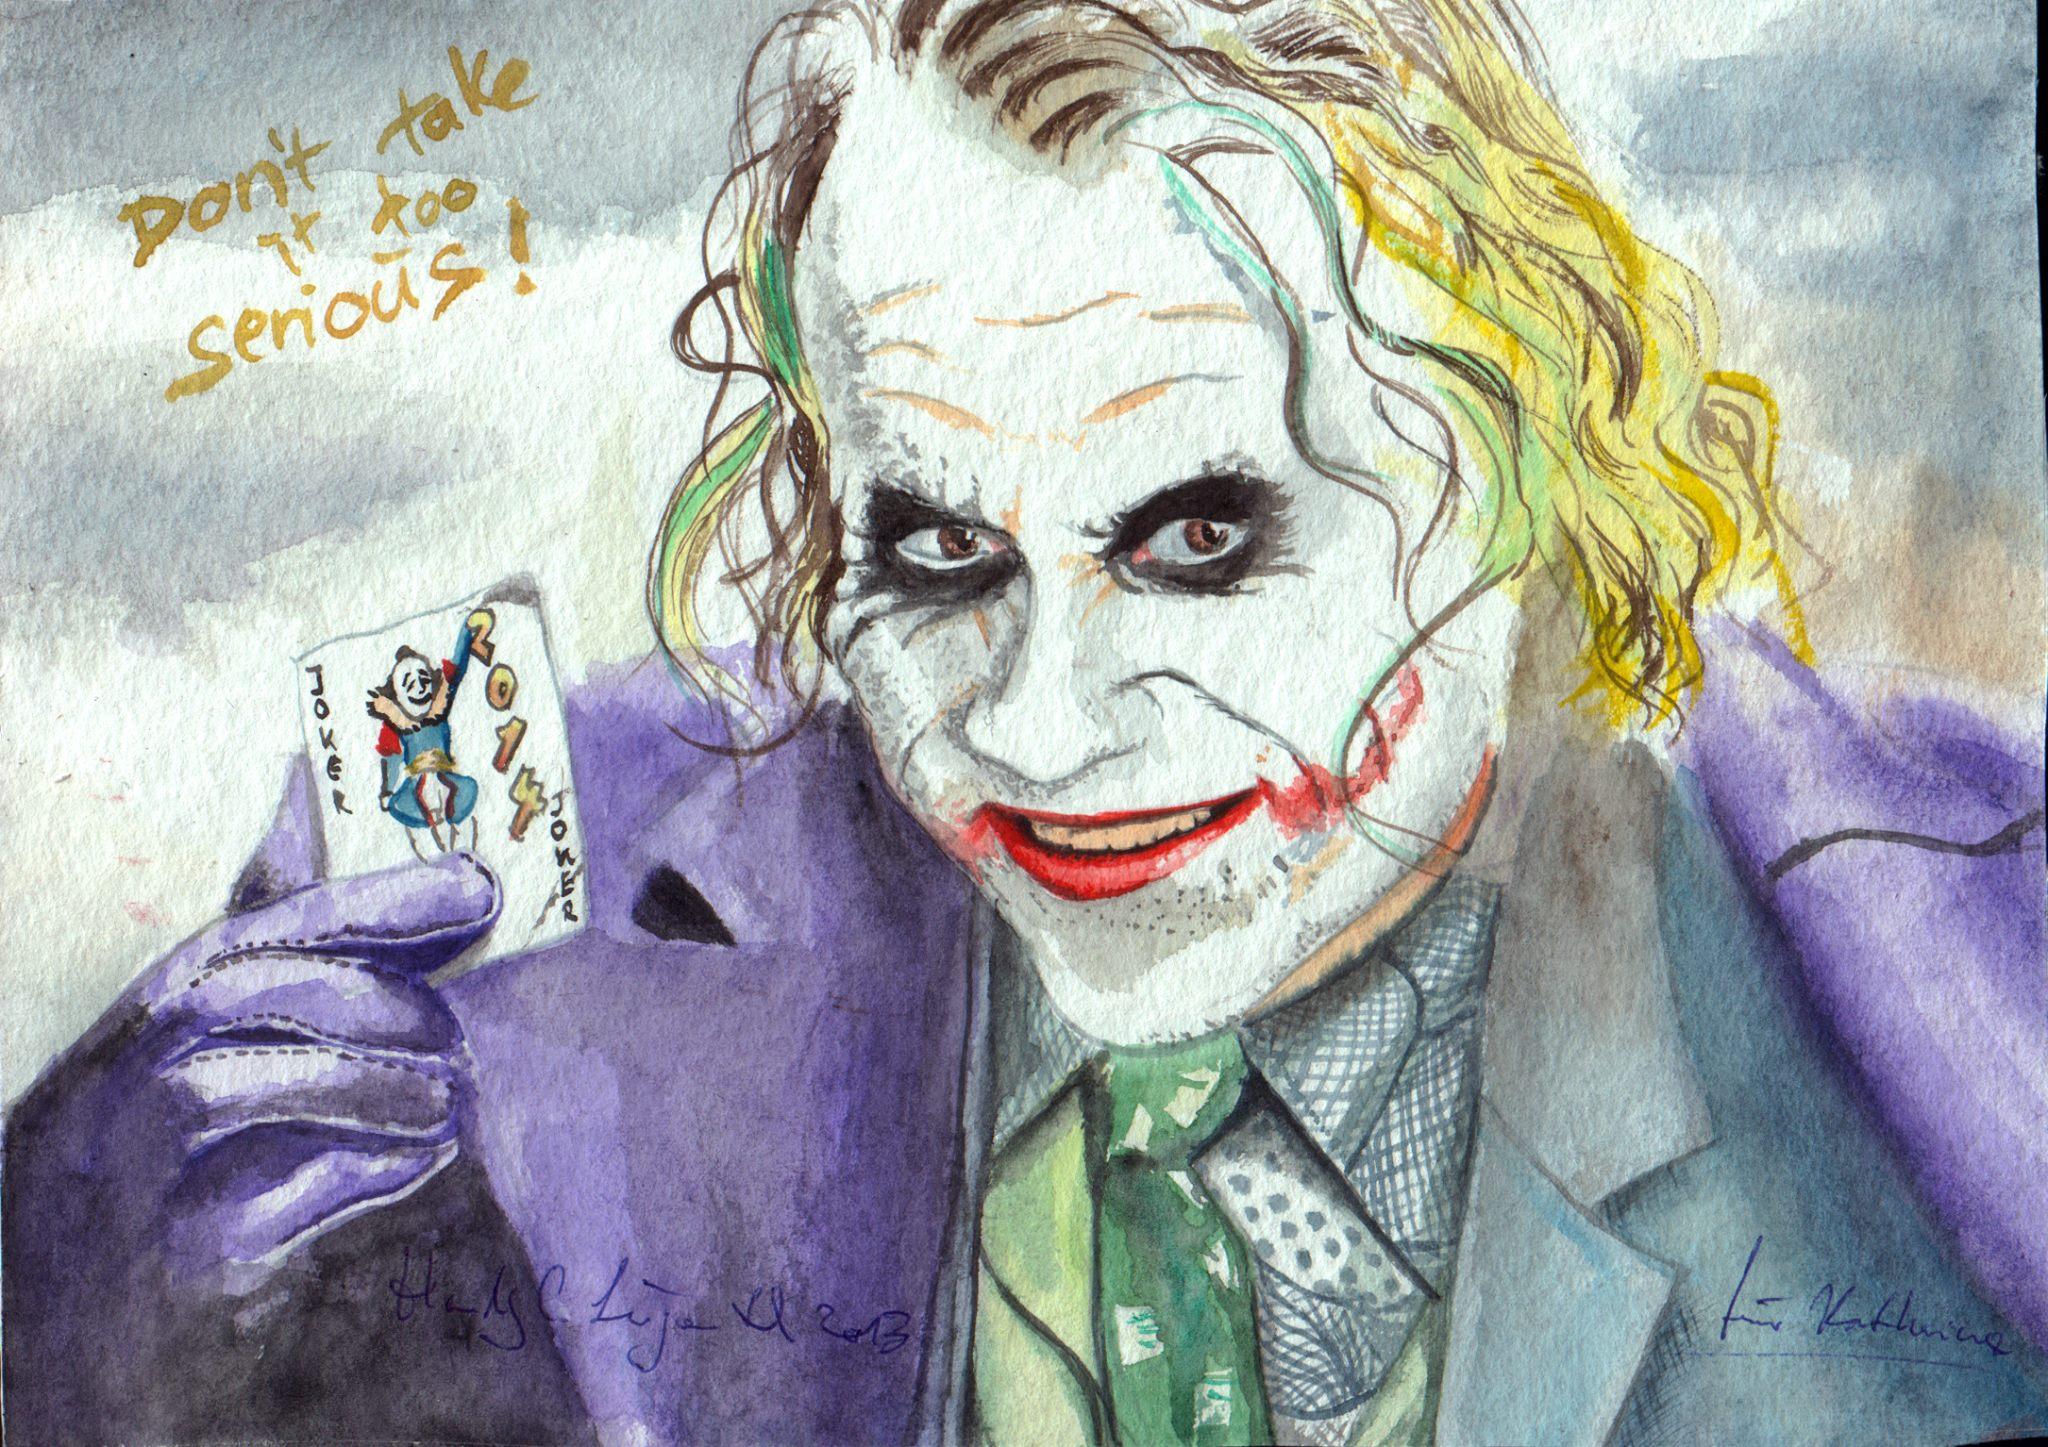 2013-12-29_joker